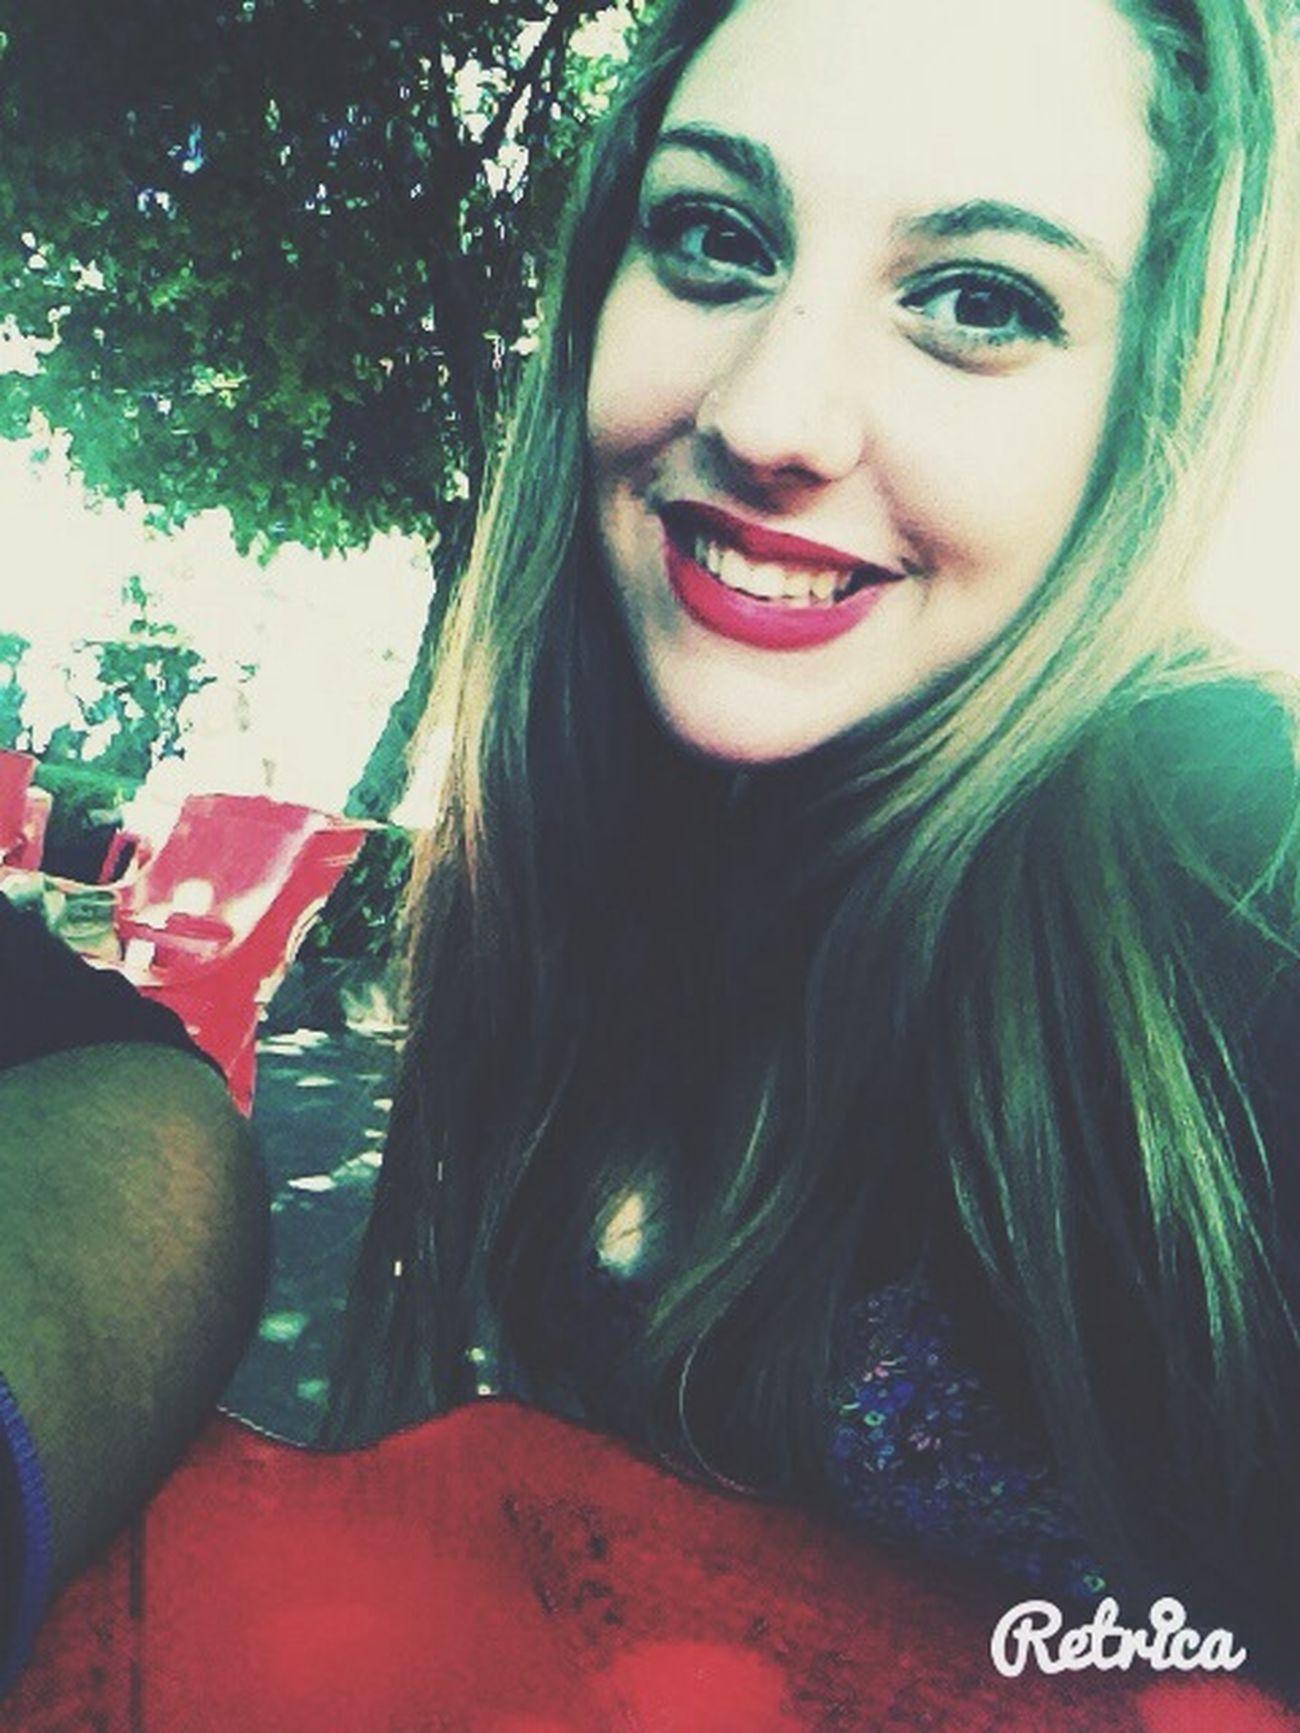 Il sorriso non lo perder mai qualunque cosa ti accada..